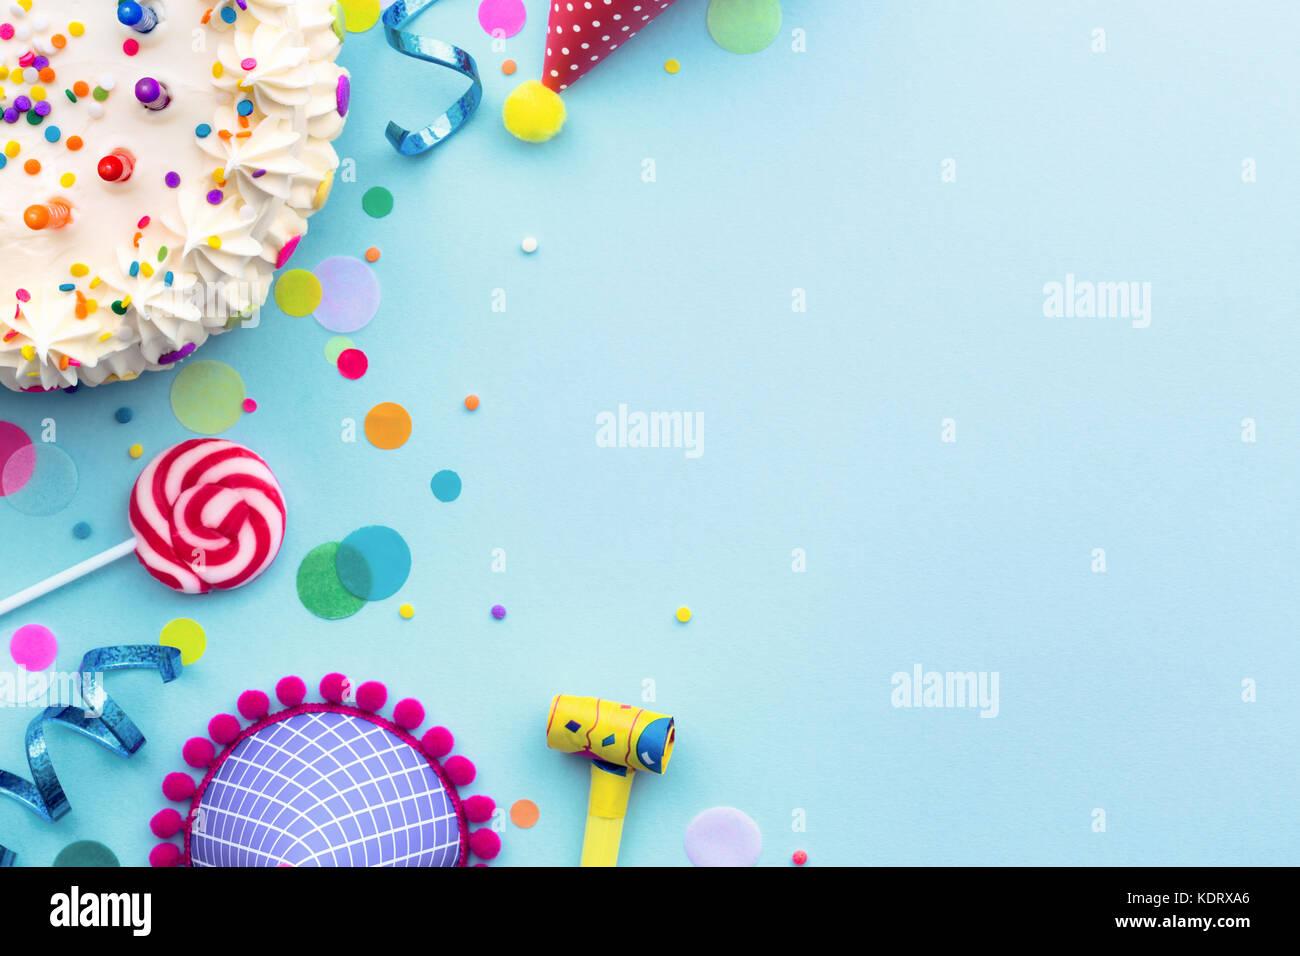 Bunte Geburtstagsparty Hintergrund mit Geburtstagskuchen und Partei Hüte Stockfoto